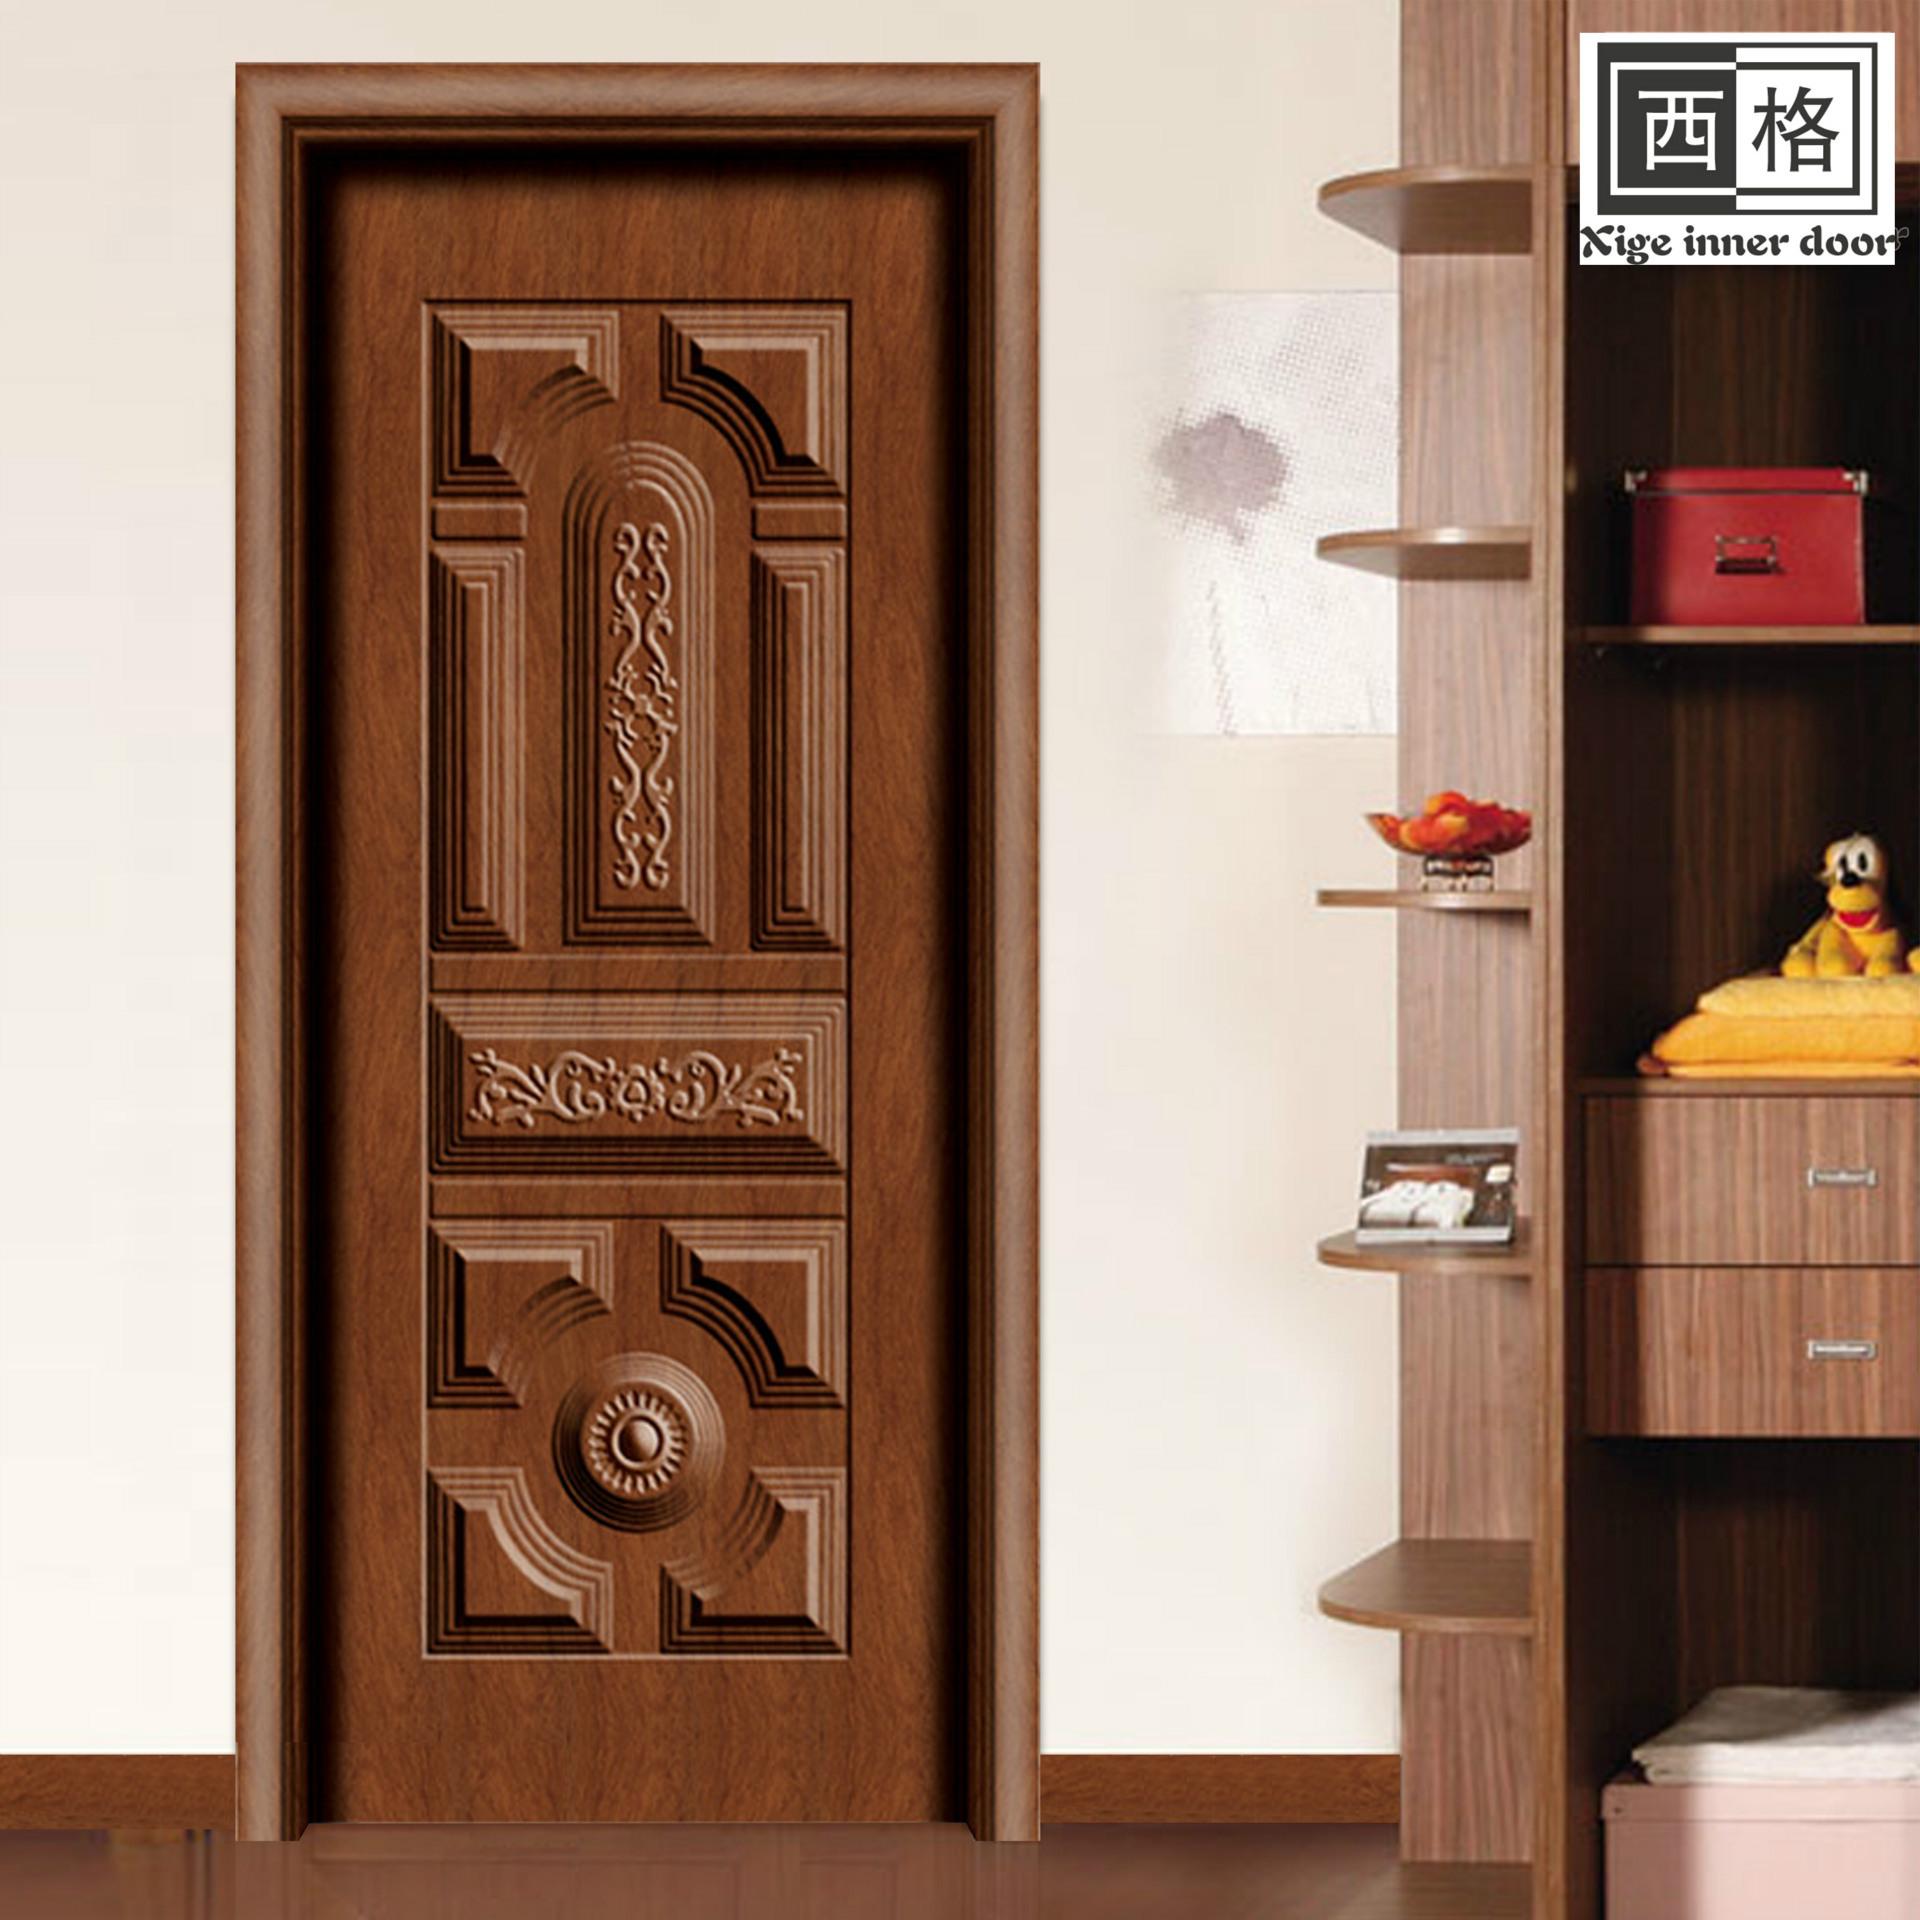 欧式客厅门大厅防盗门钢木门12年品牌生产厂家质量有